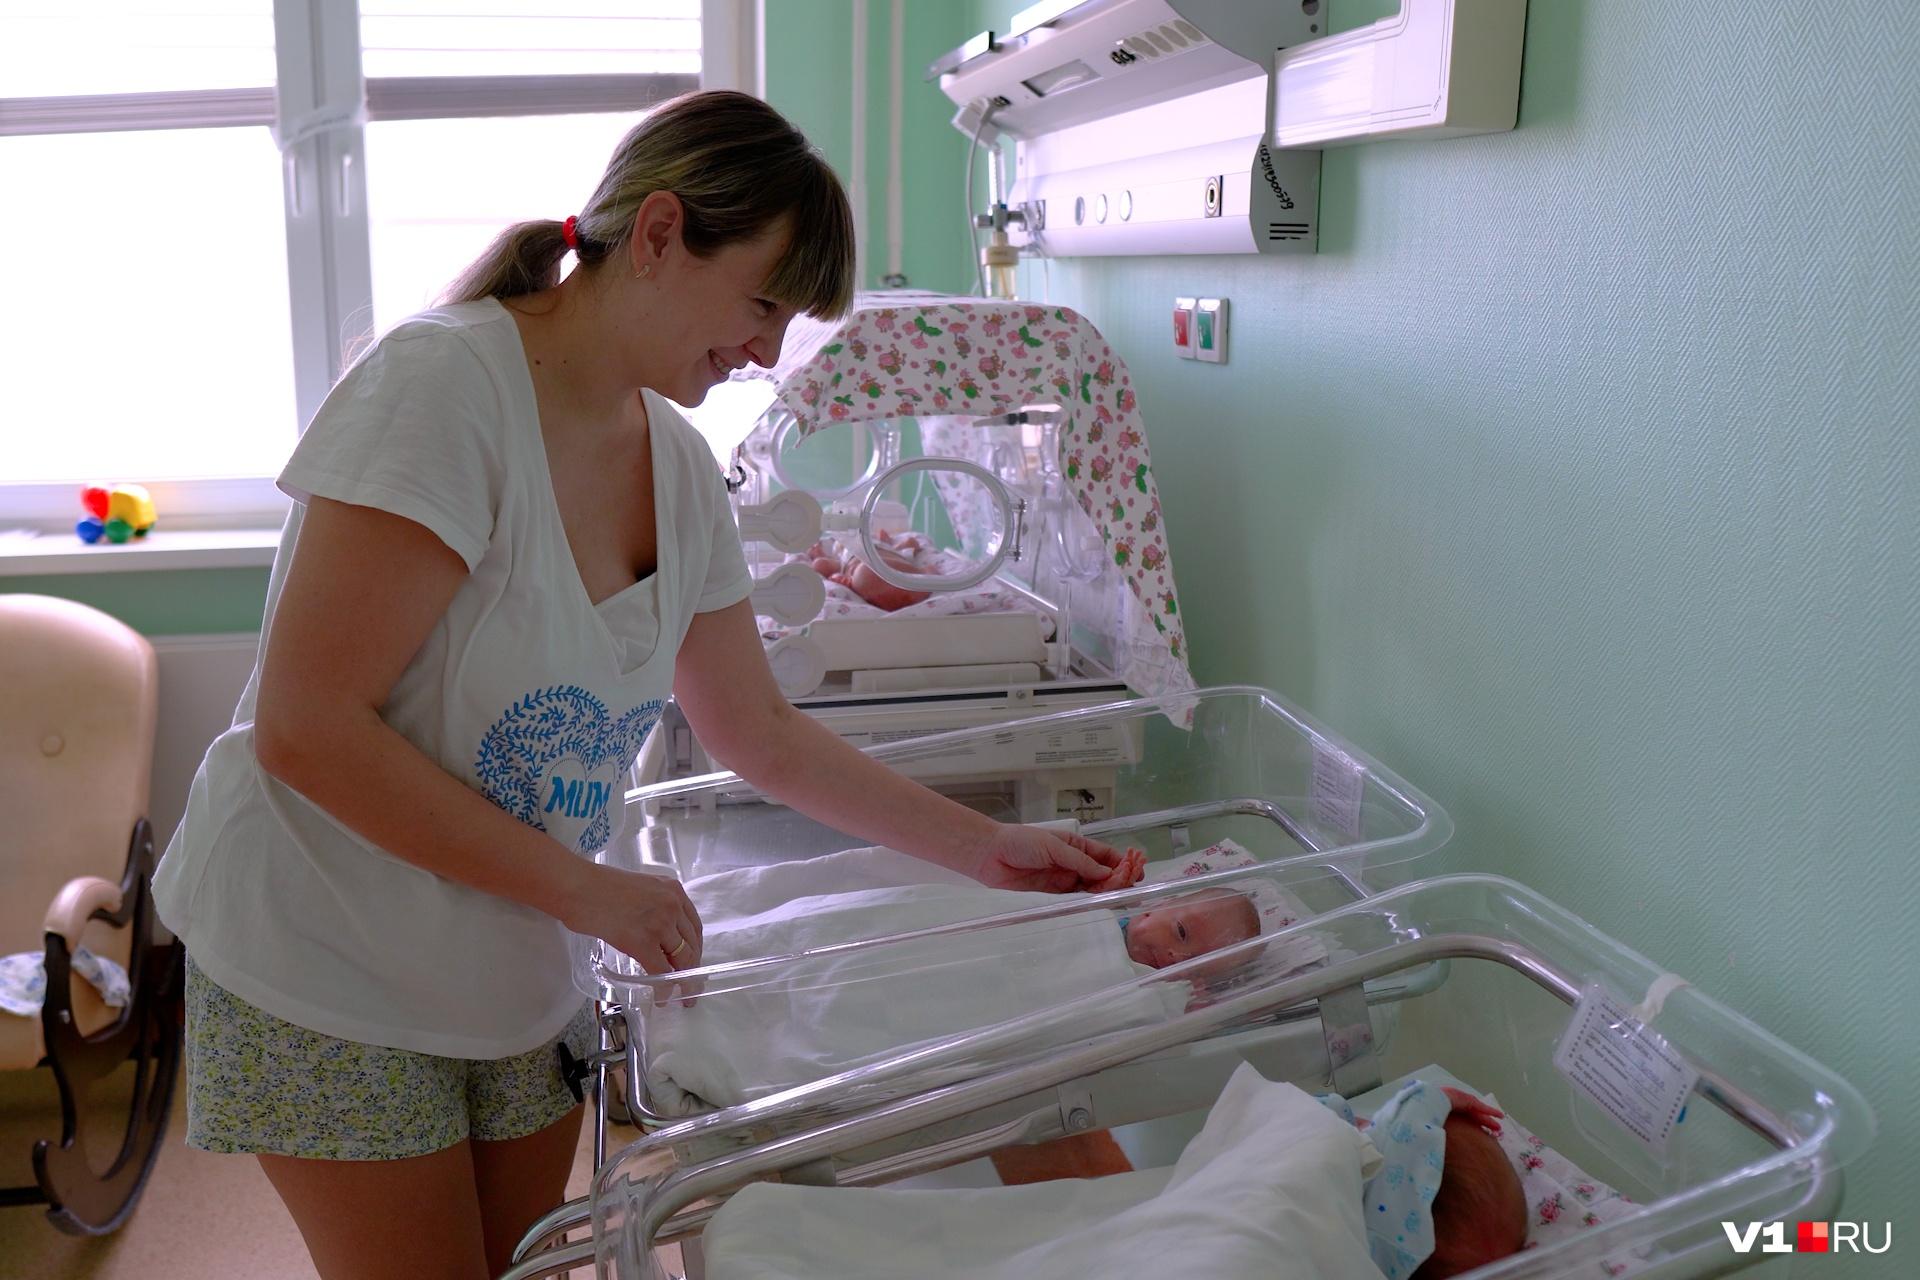 Виктория с нетерпением ждет выписку и очень переживает за своих малышей